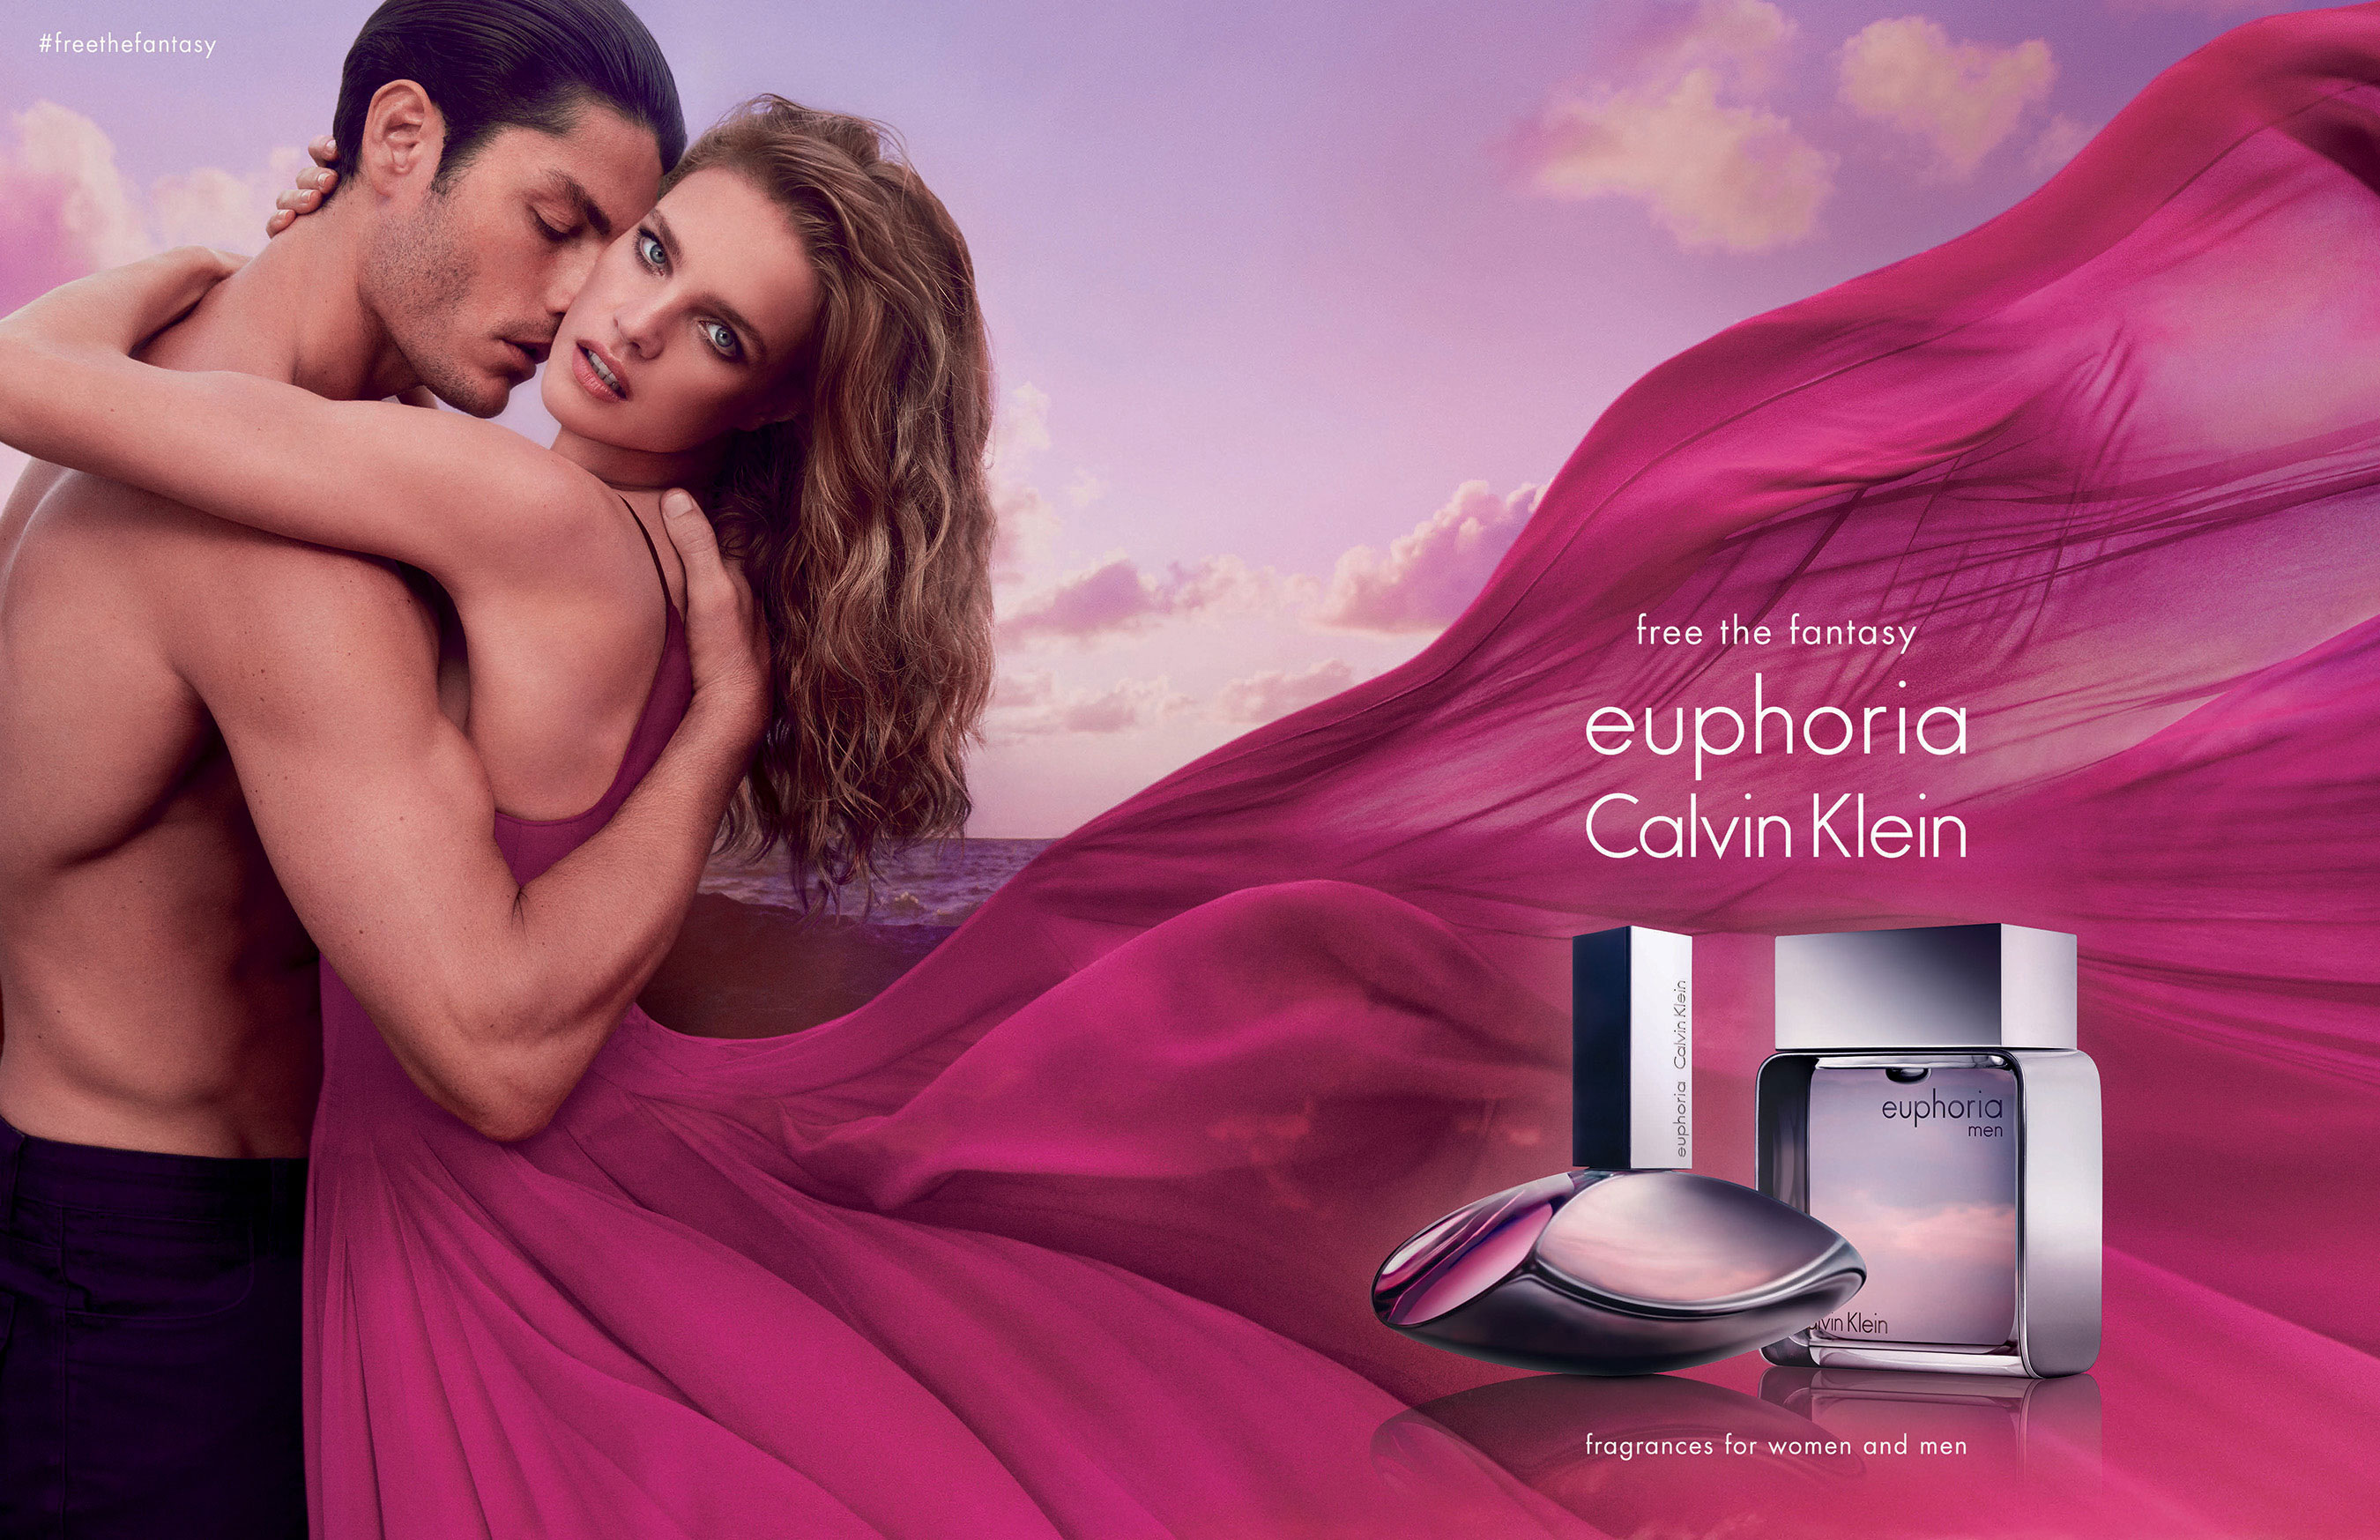 Euphoria Calvin Klein Fragrances - Perfumes, Colognes ...